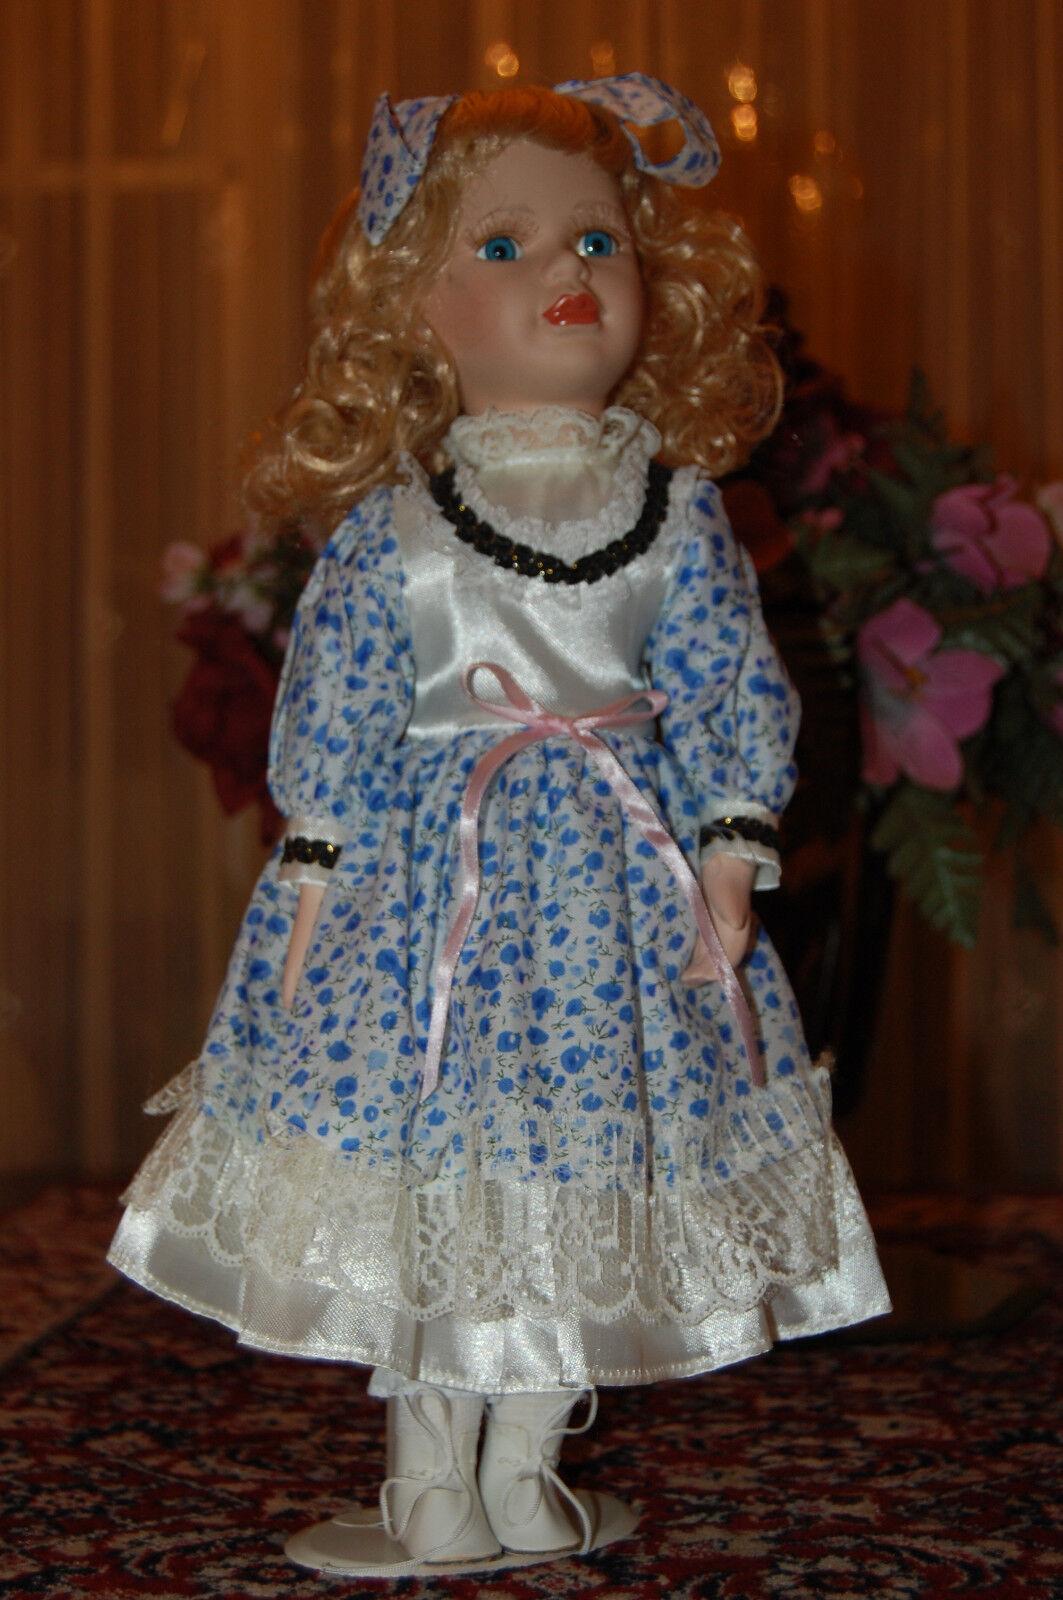 Muñeca De Porcelana Alemán Vestido Floral 40 Cm Nuevo En Caja